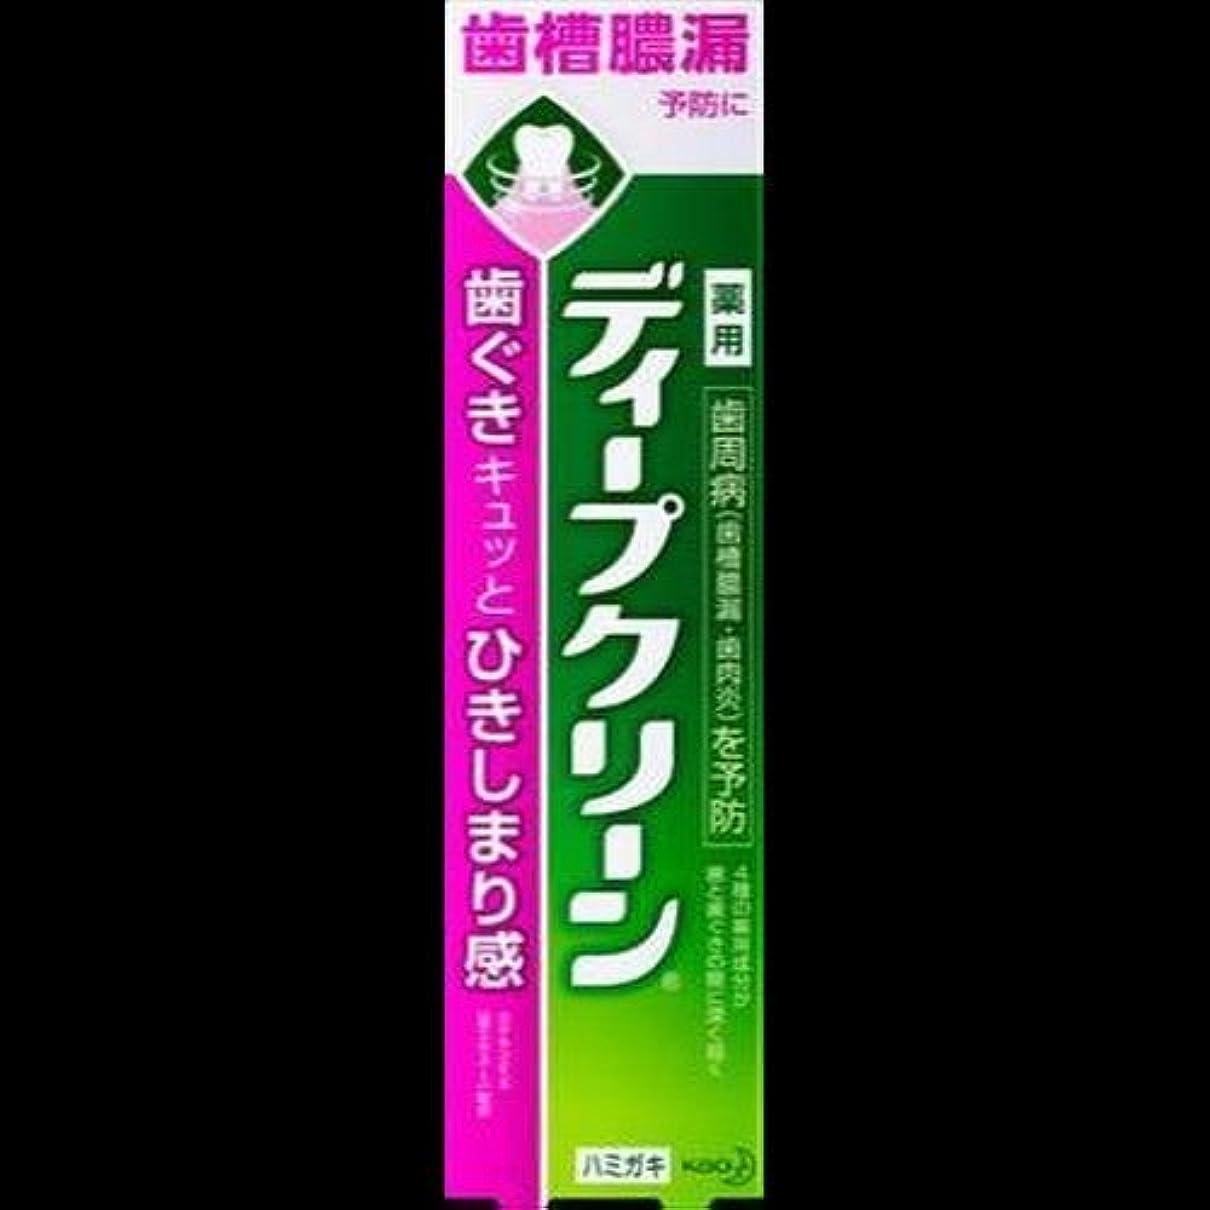 休暇シネウィマウンド【まとめ買い】ディープクリーン 薬用ハミガキ 100g ×2セット